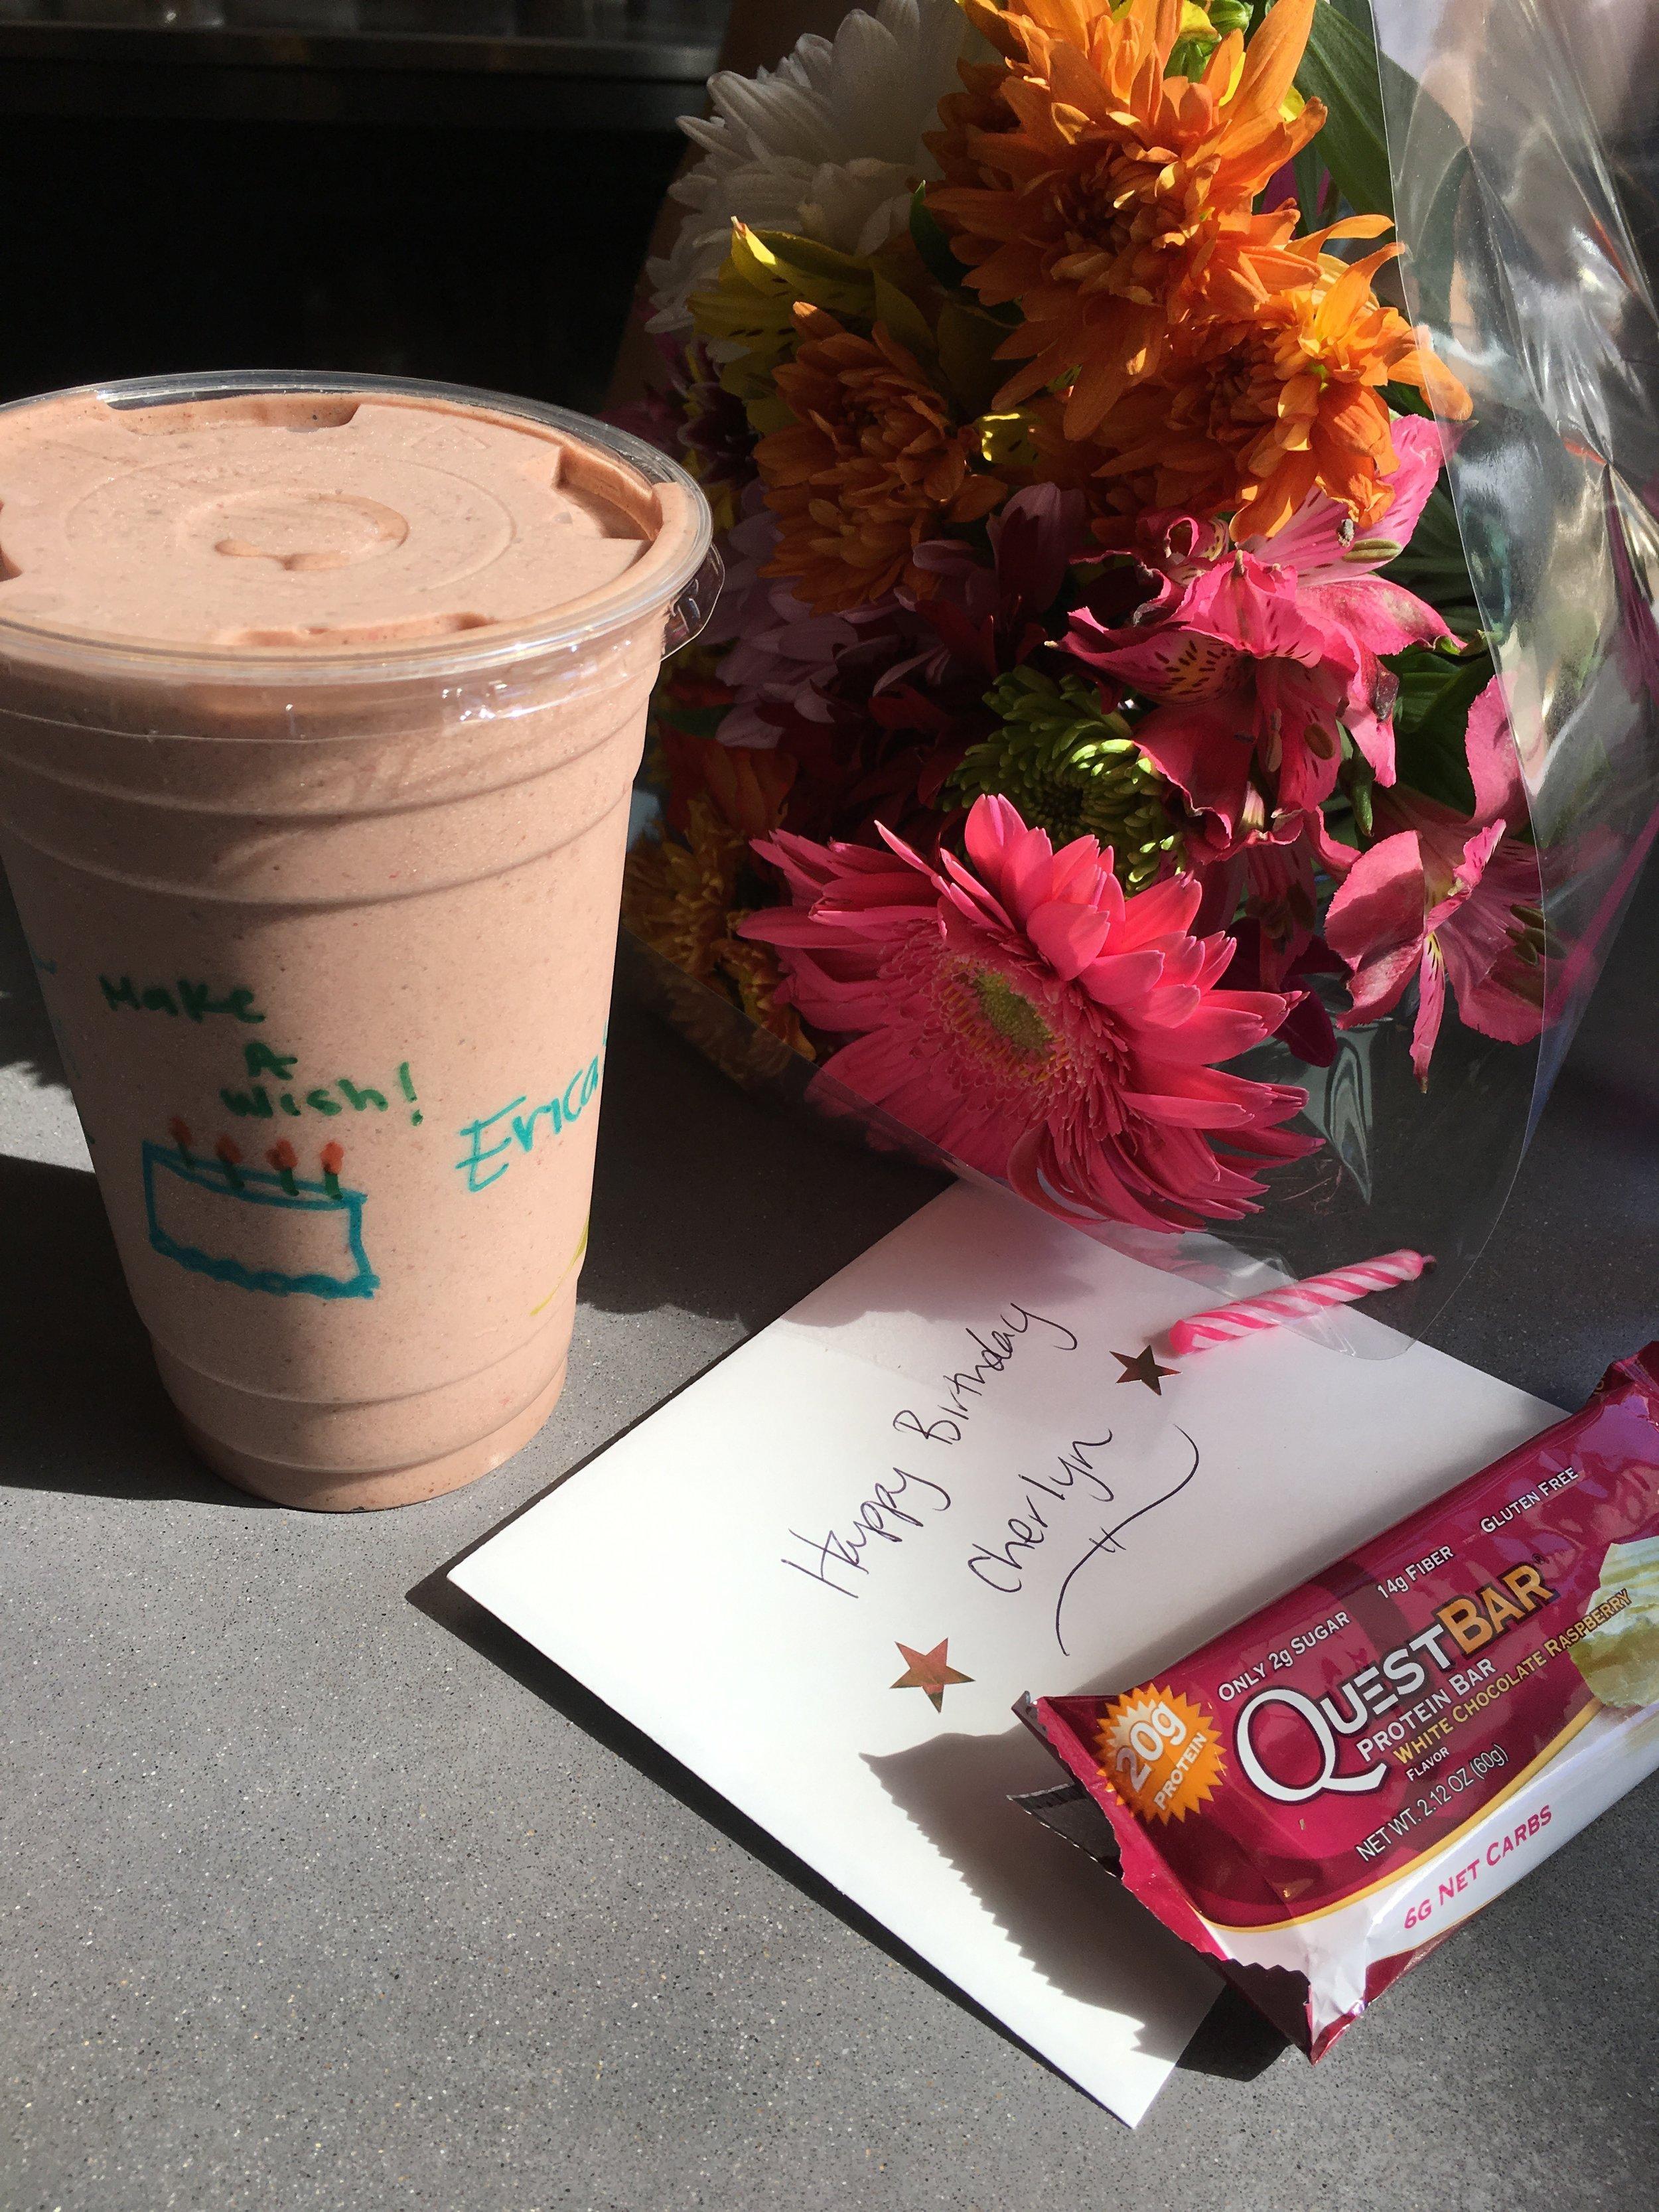 Firecracker Smoothie, flowers, card & protein bar courtesy of Erica Stenz